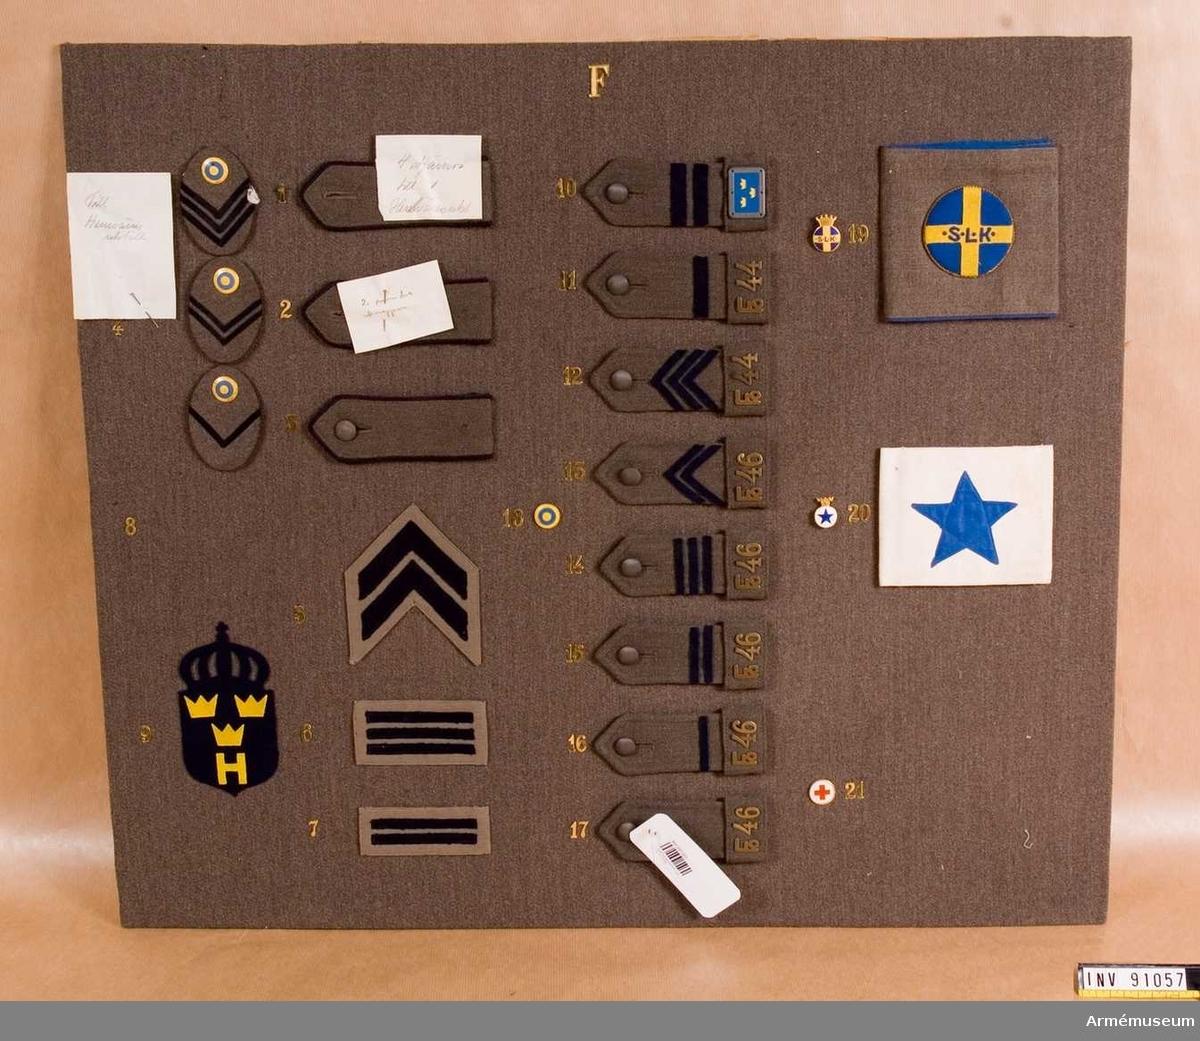 Gradbeteckningar för Lottakåren, Blå Stjärnan, Röda Korset och Hemvärnet.